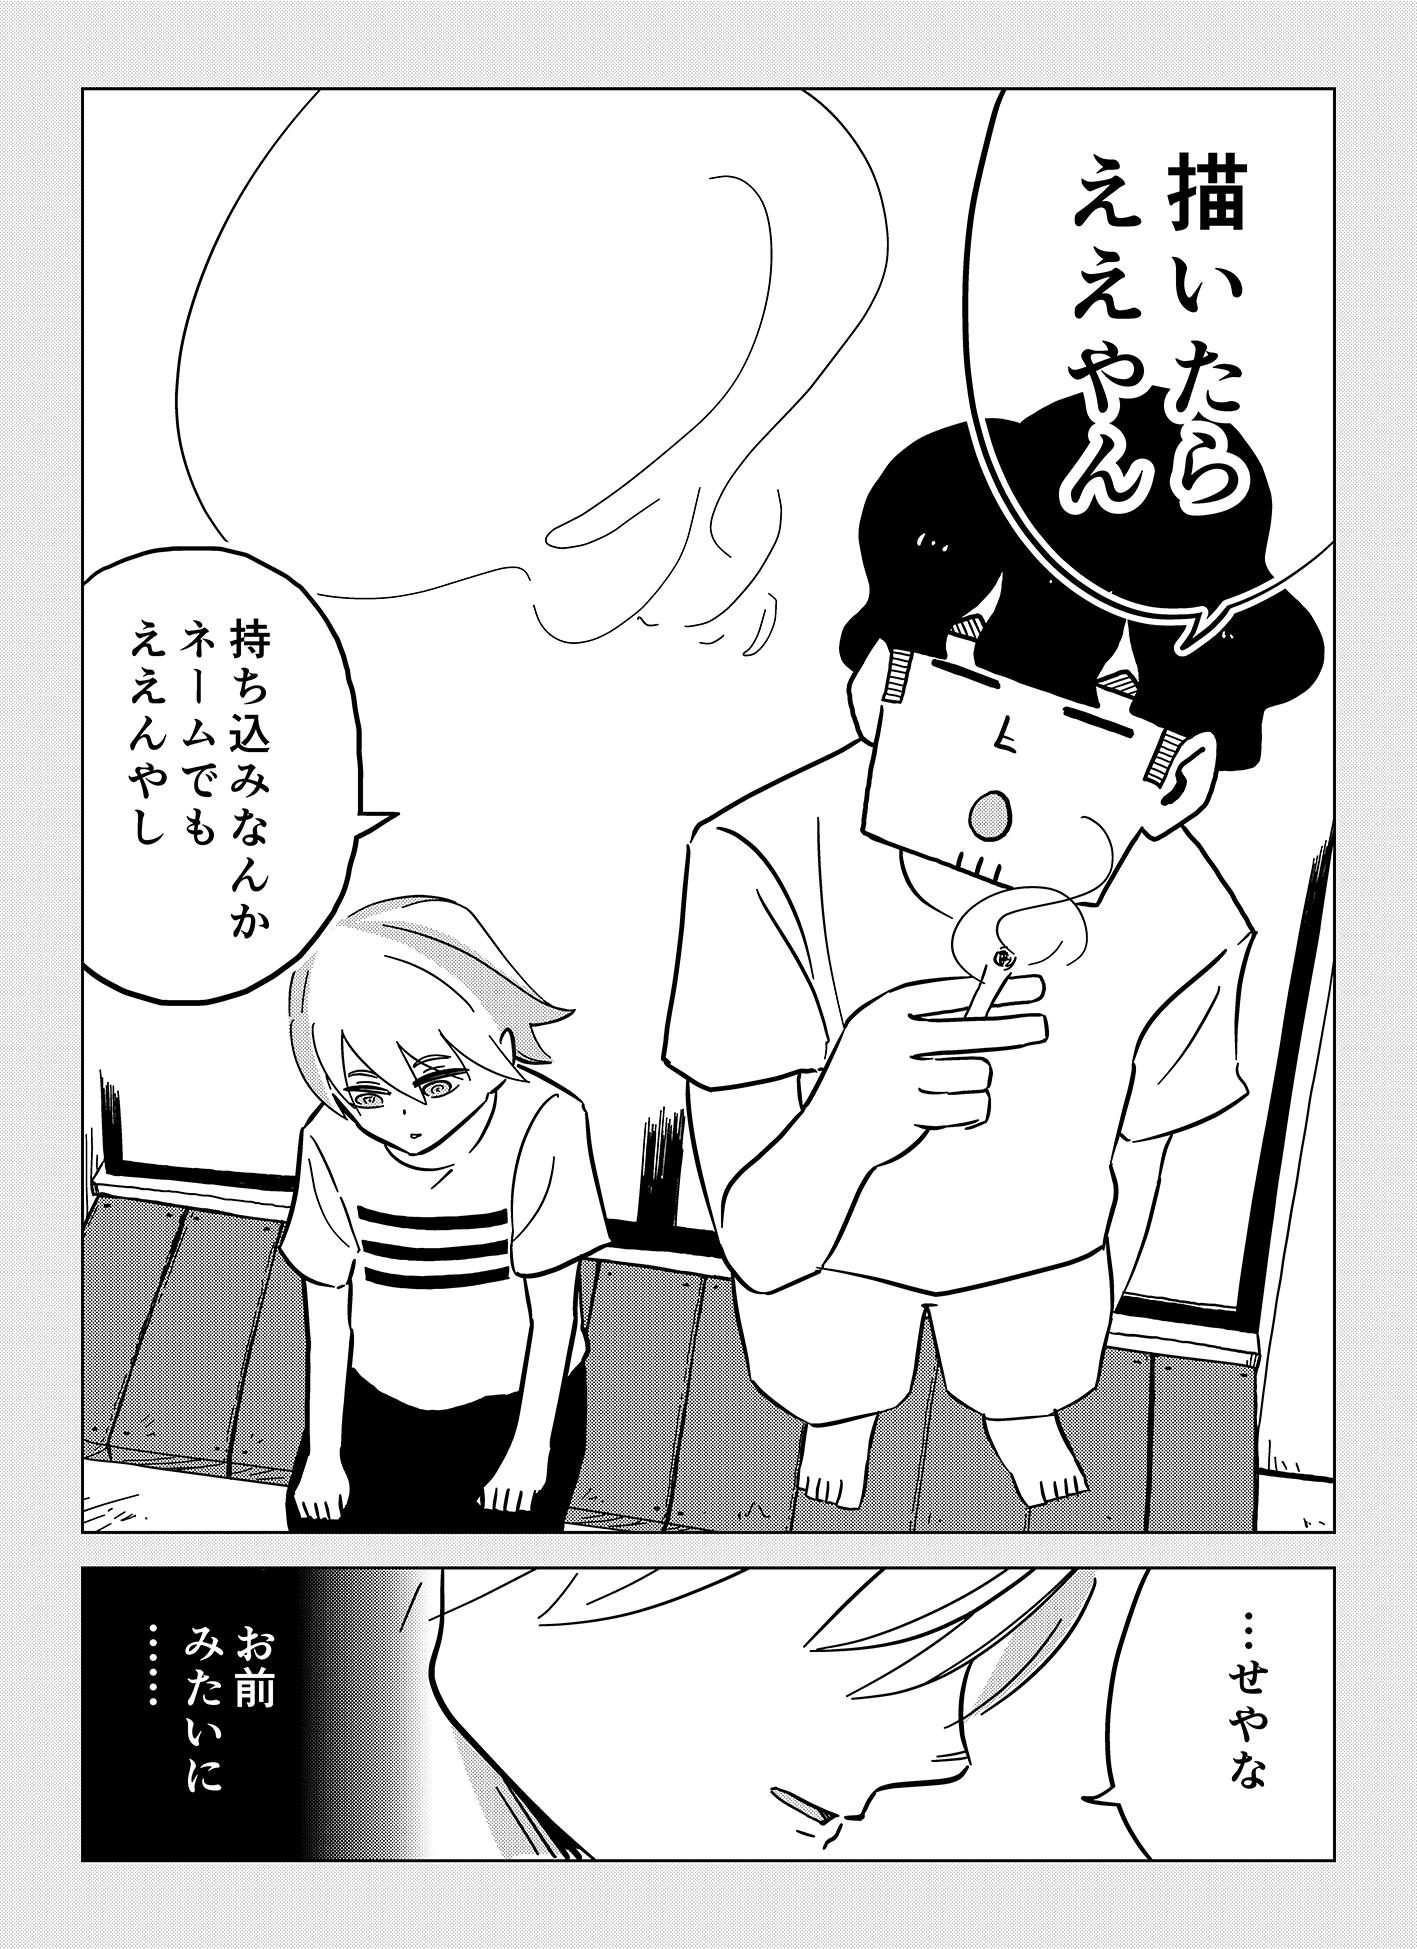 share12_002